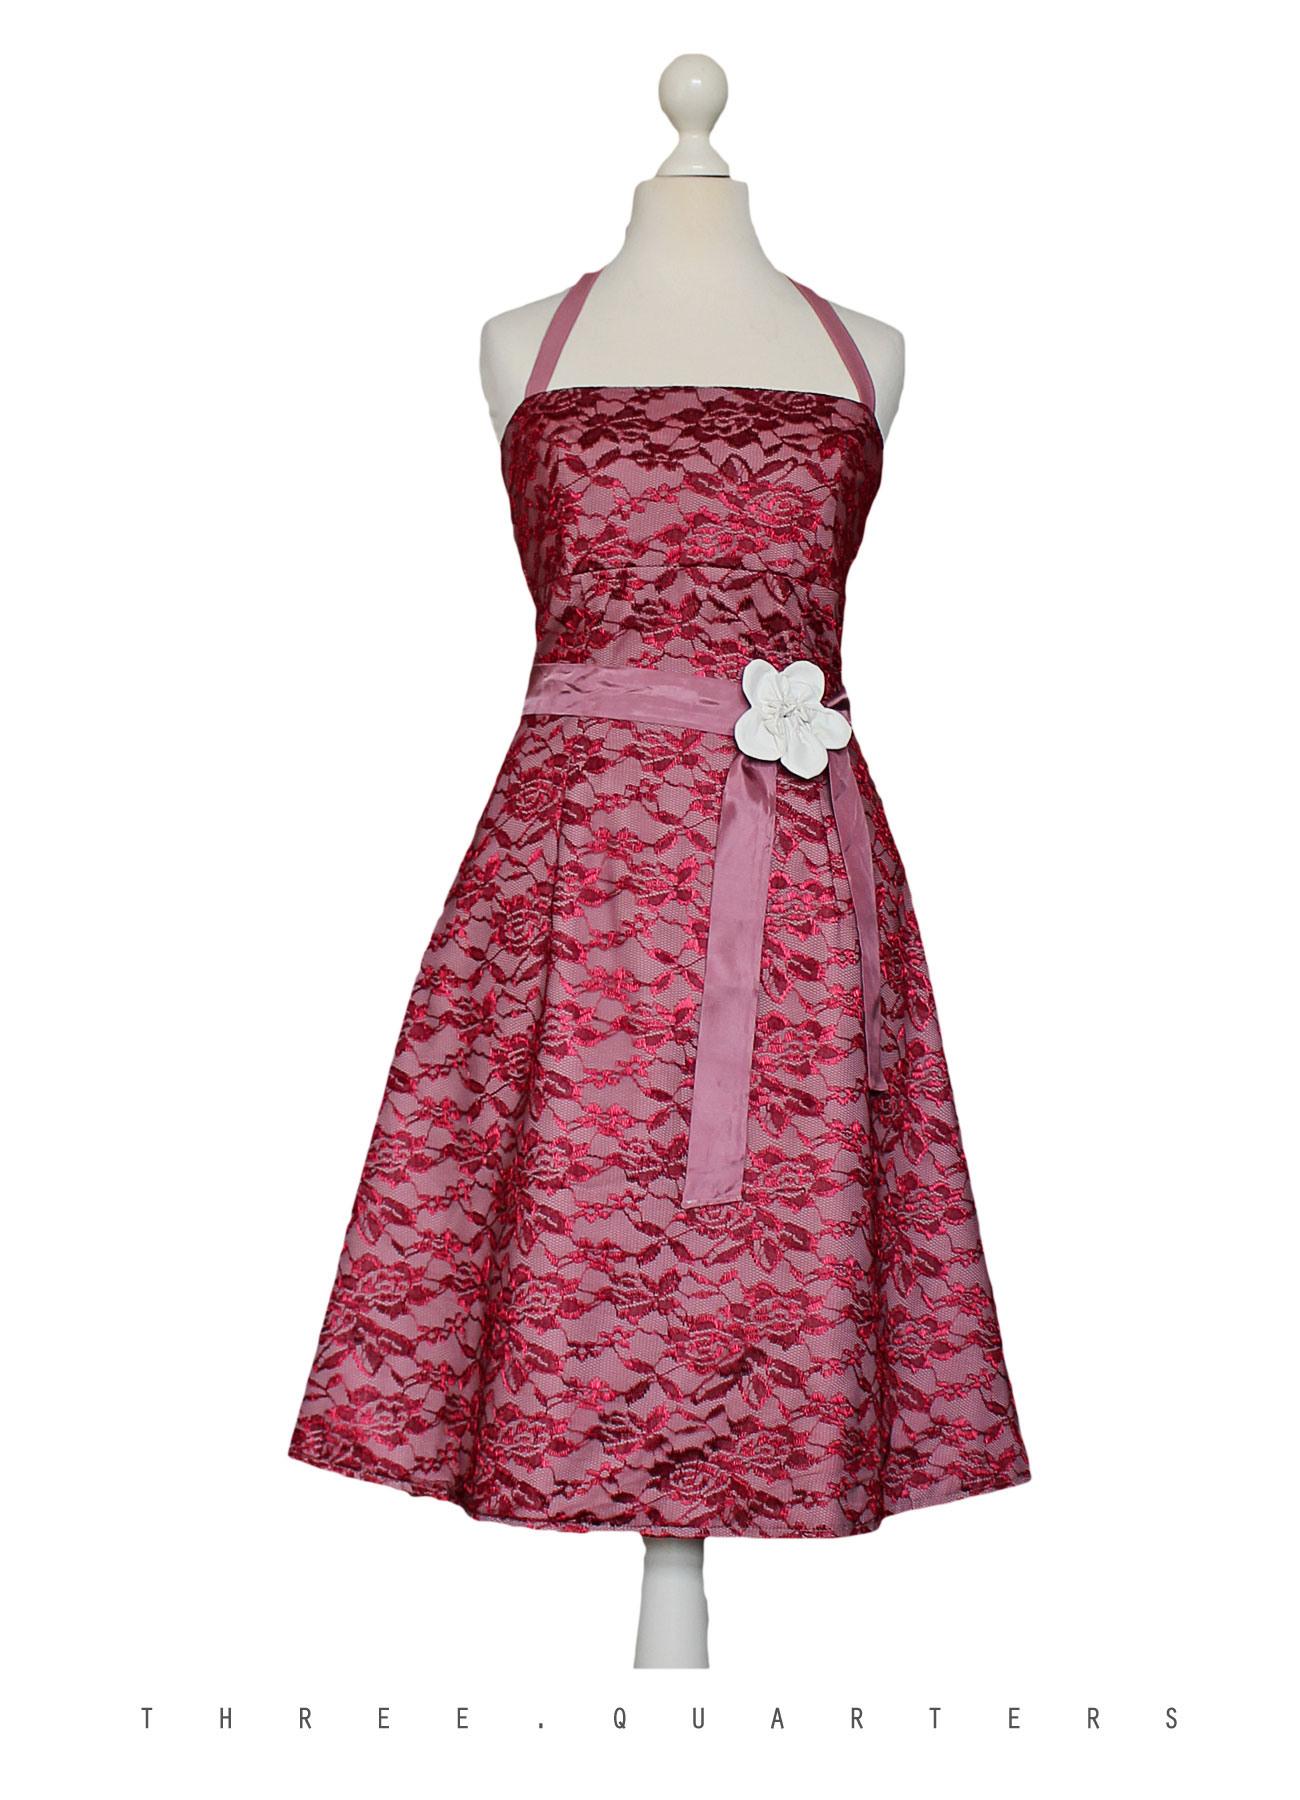 Three-Quarters - Kleid, Spitzenkleid, Hochzeit, Dunkelrot